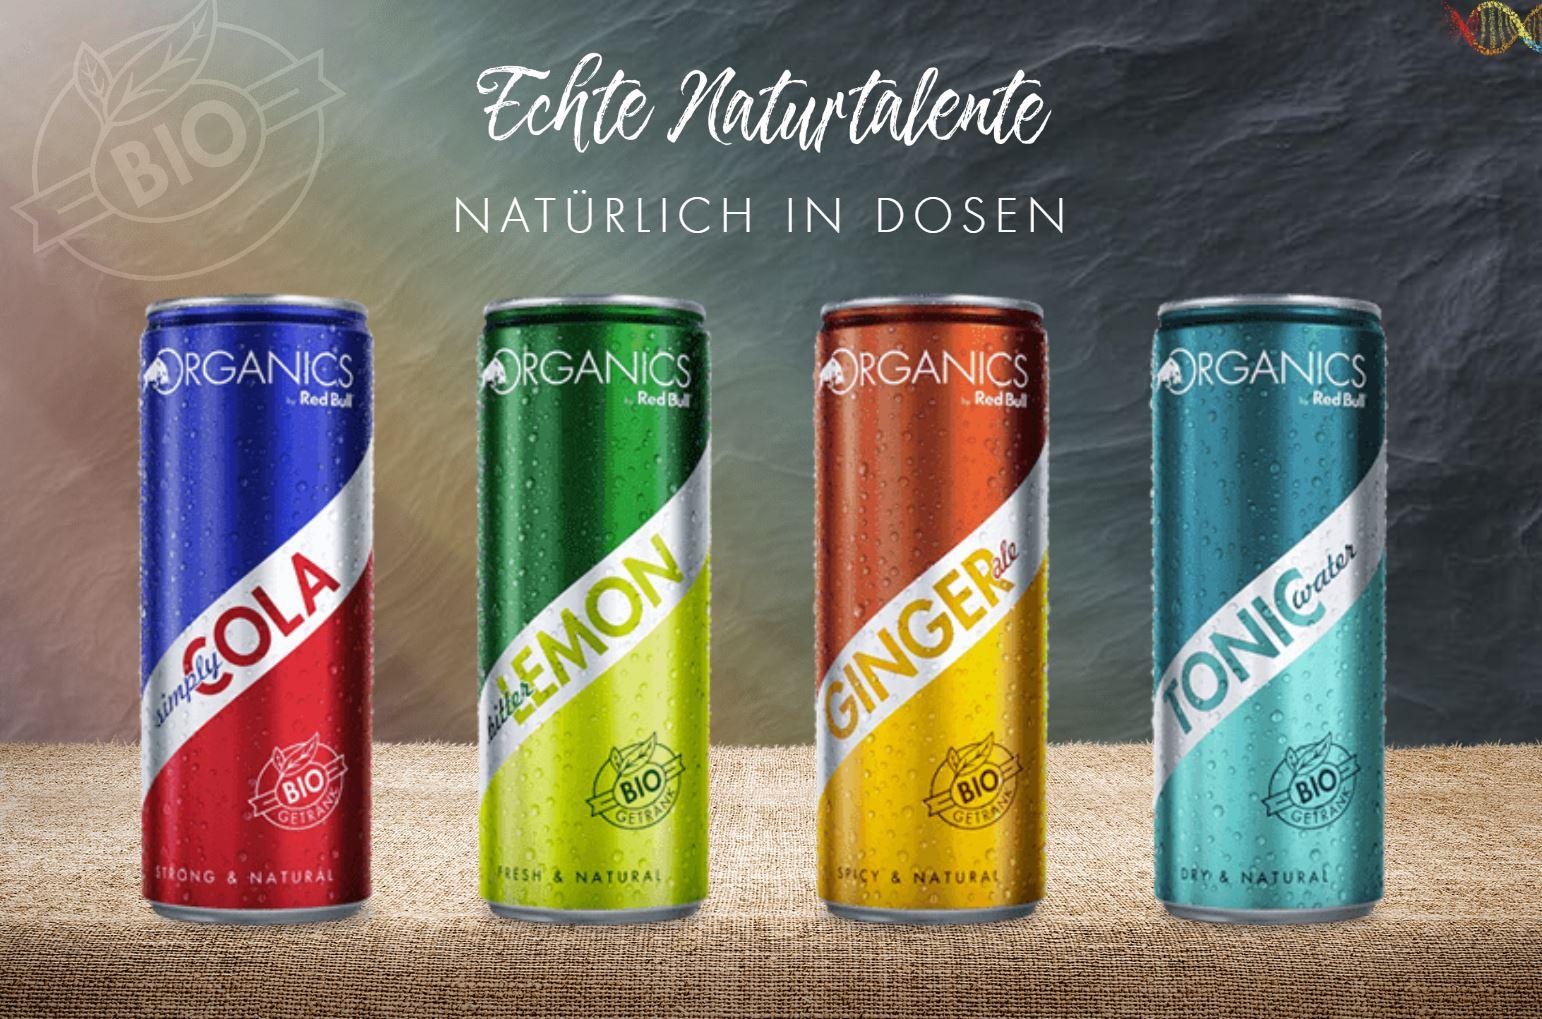 Red Bull Organics für nur 69 cent bei netto